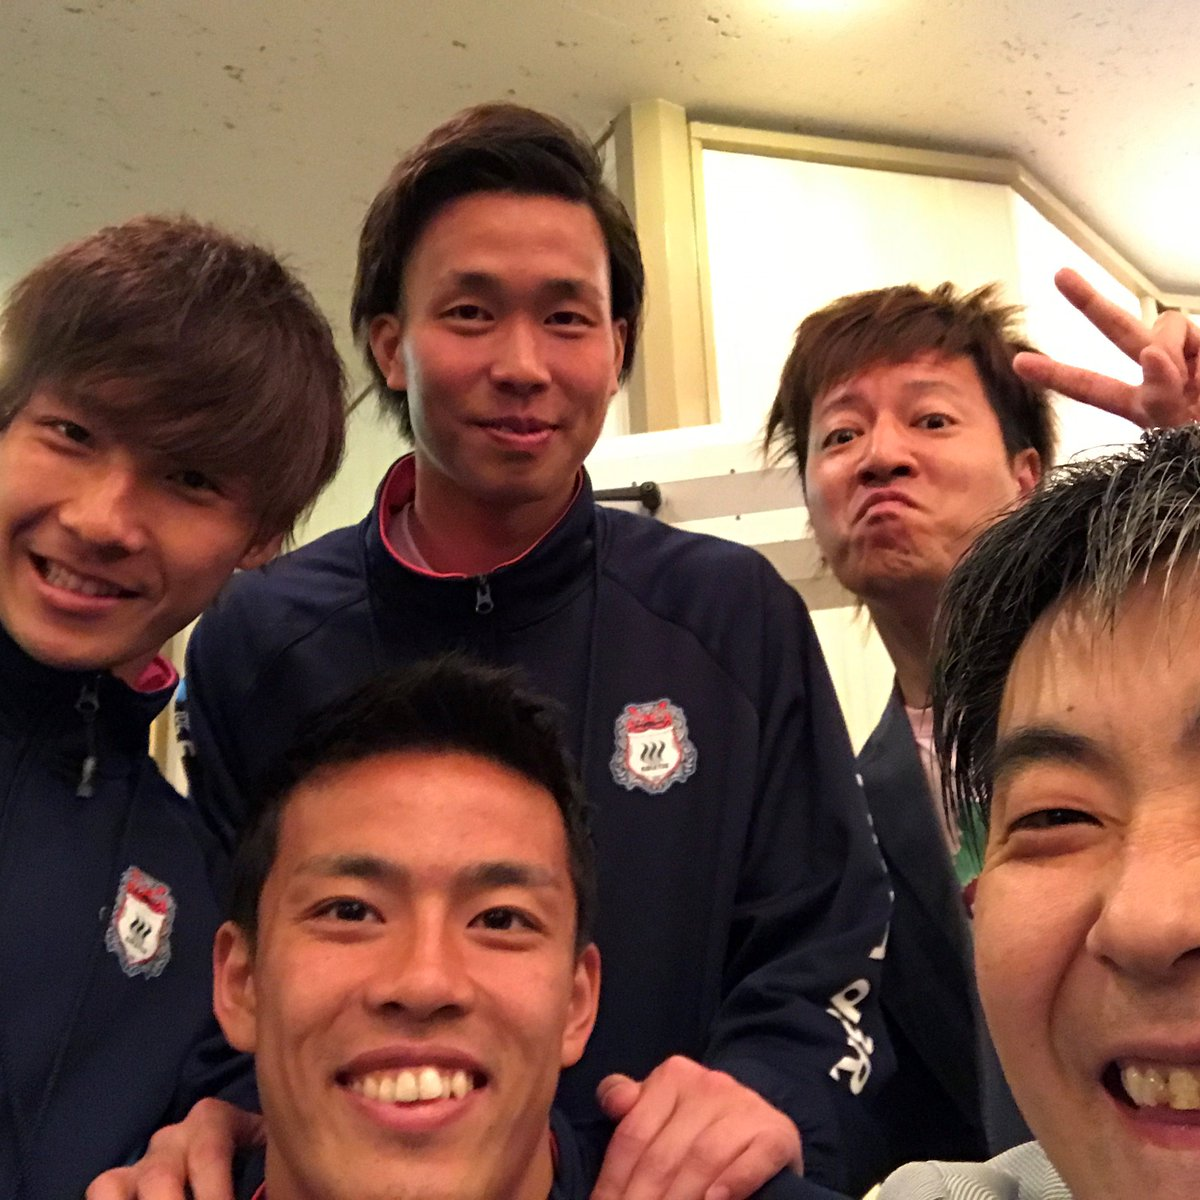 藤原雅斗 hashtag on Twitter